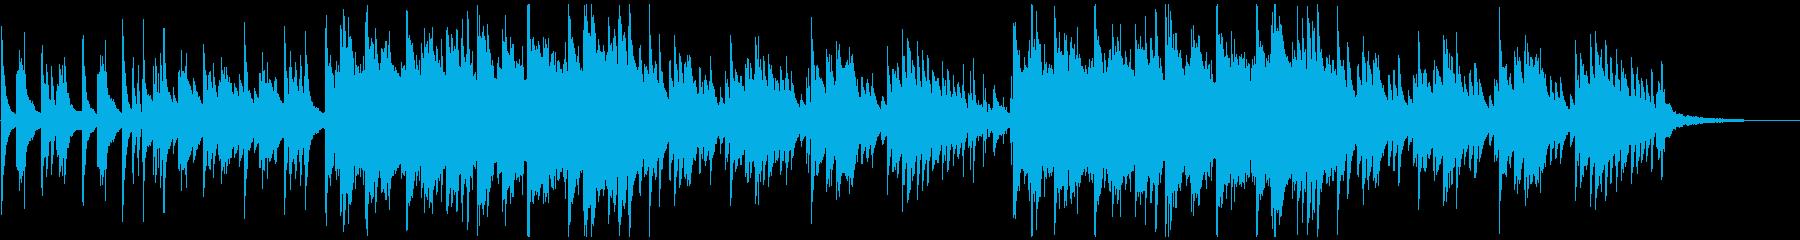 ピアノ 幻想的 哀愁美 桃源郷 弦楽器の再生済みの波形